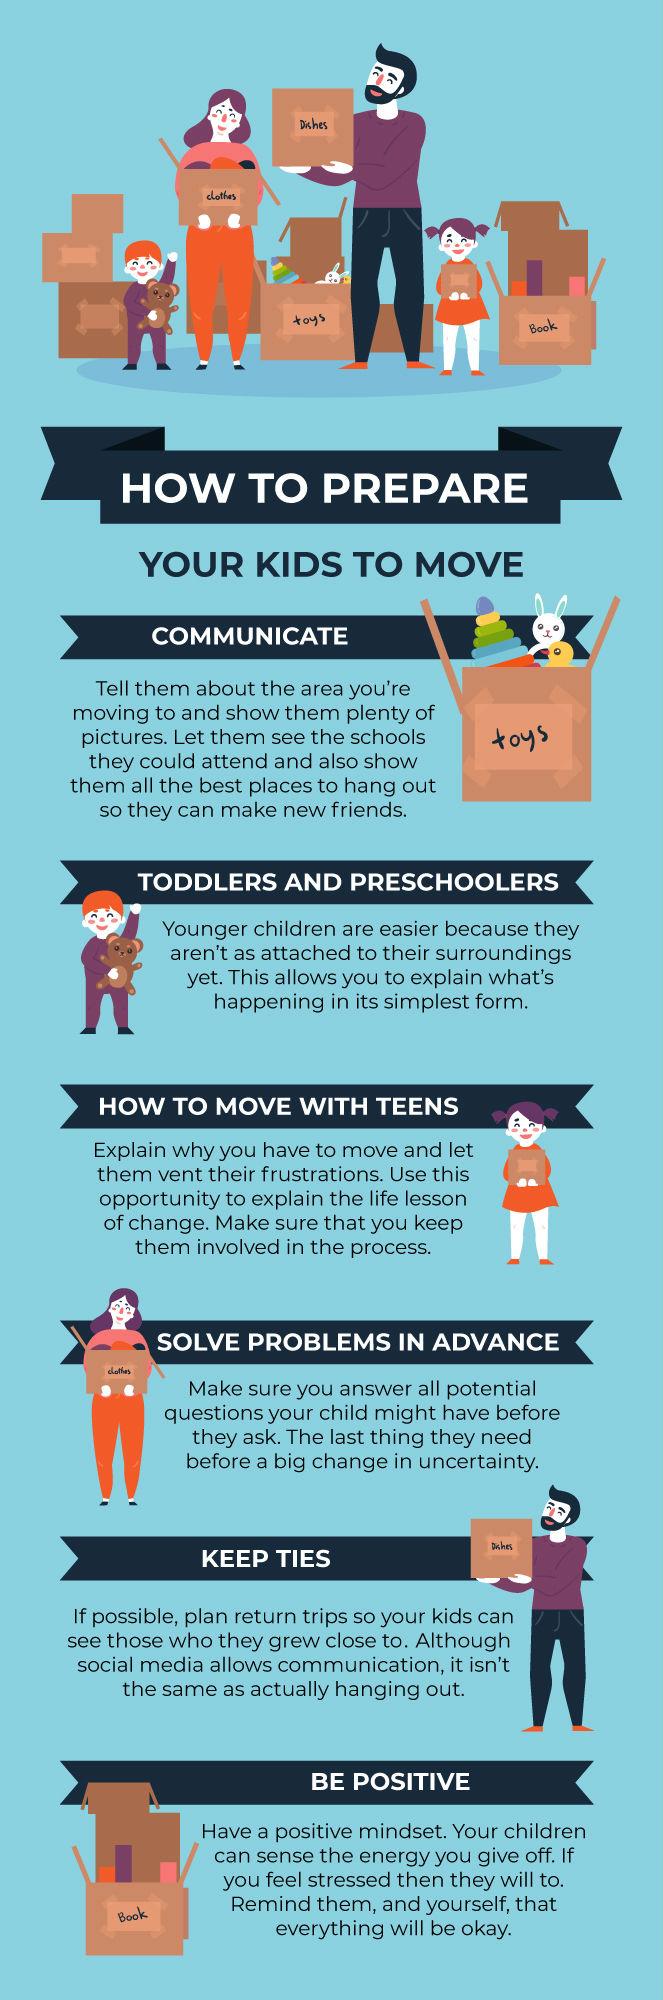 prepare kids for a move